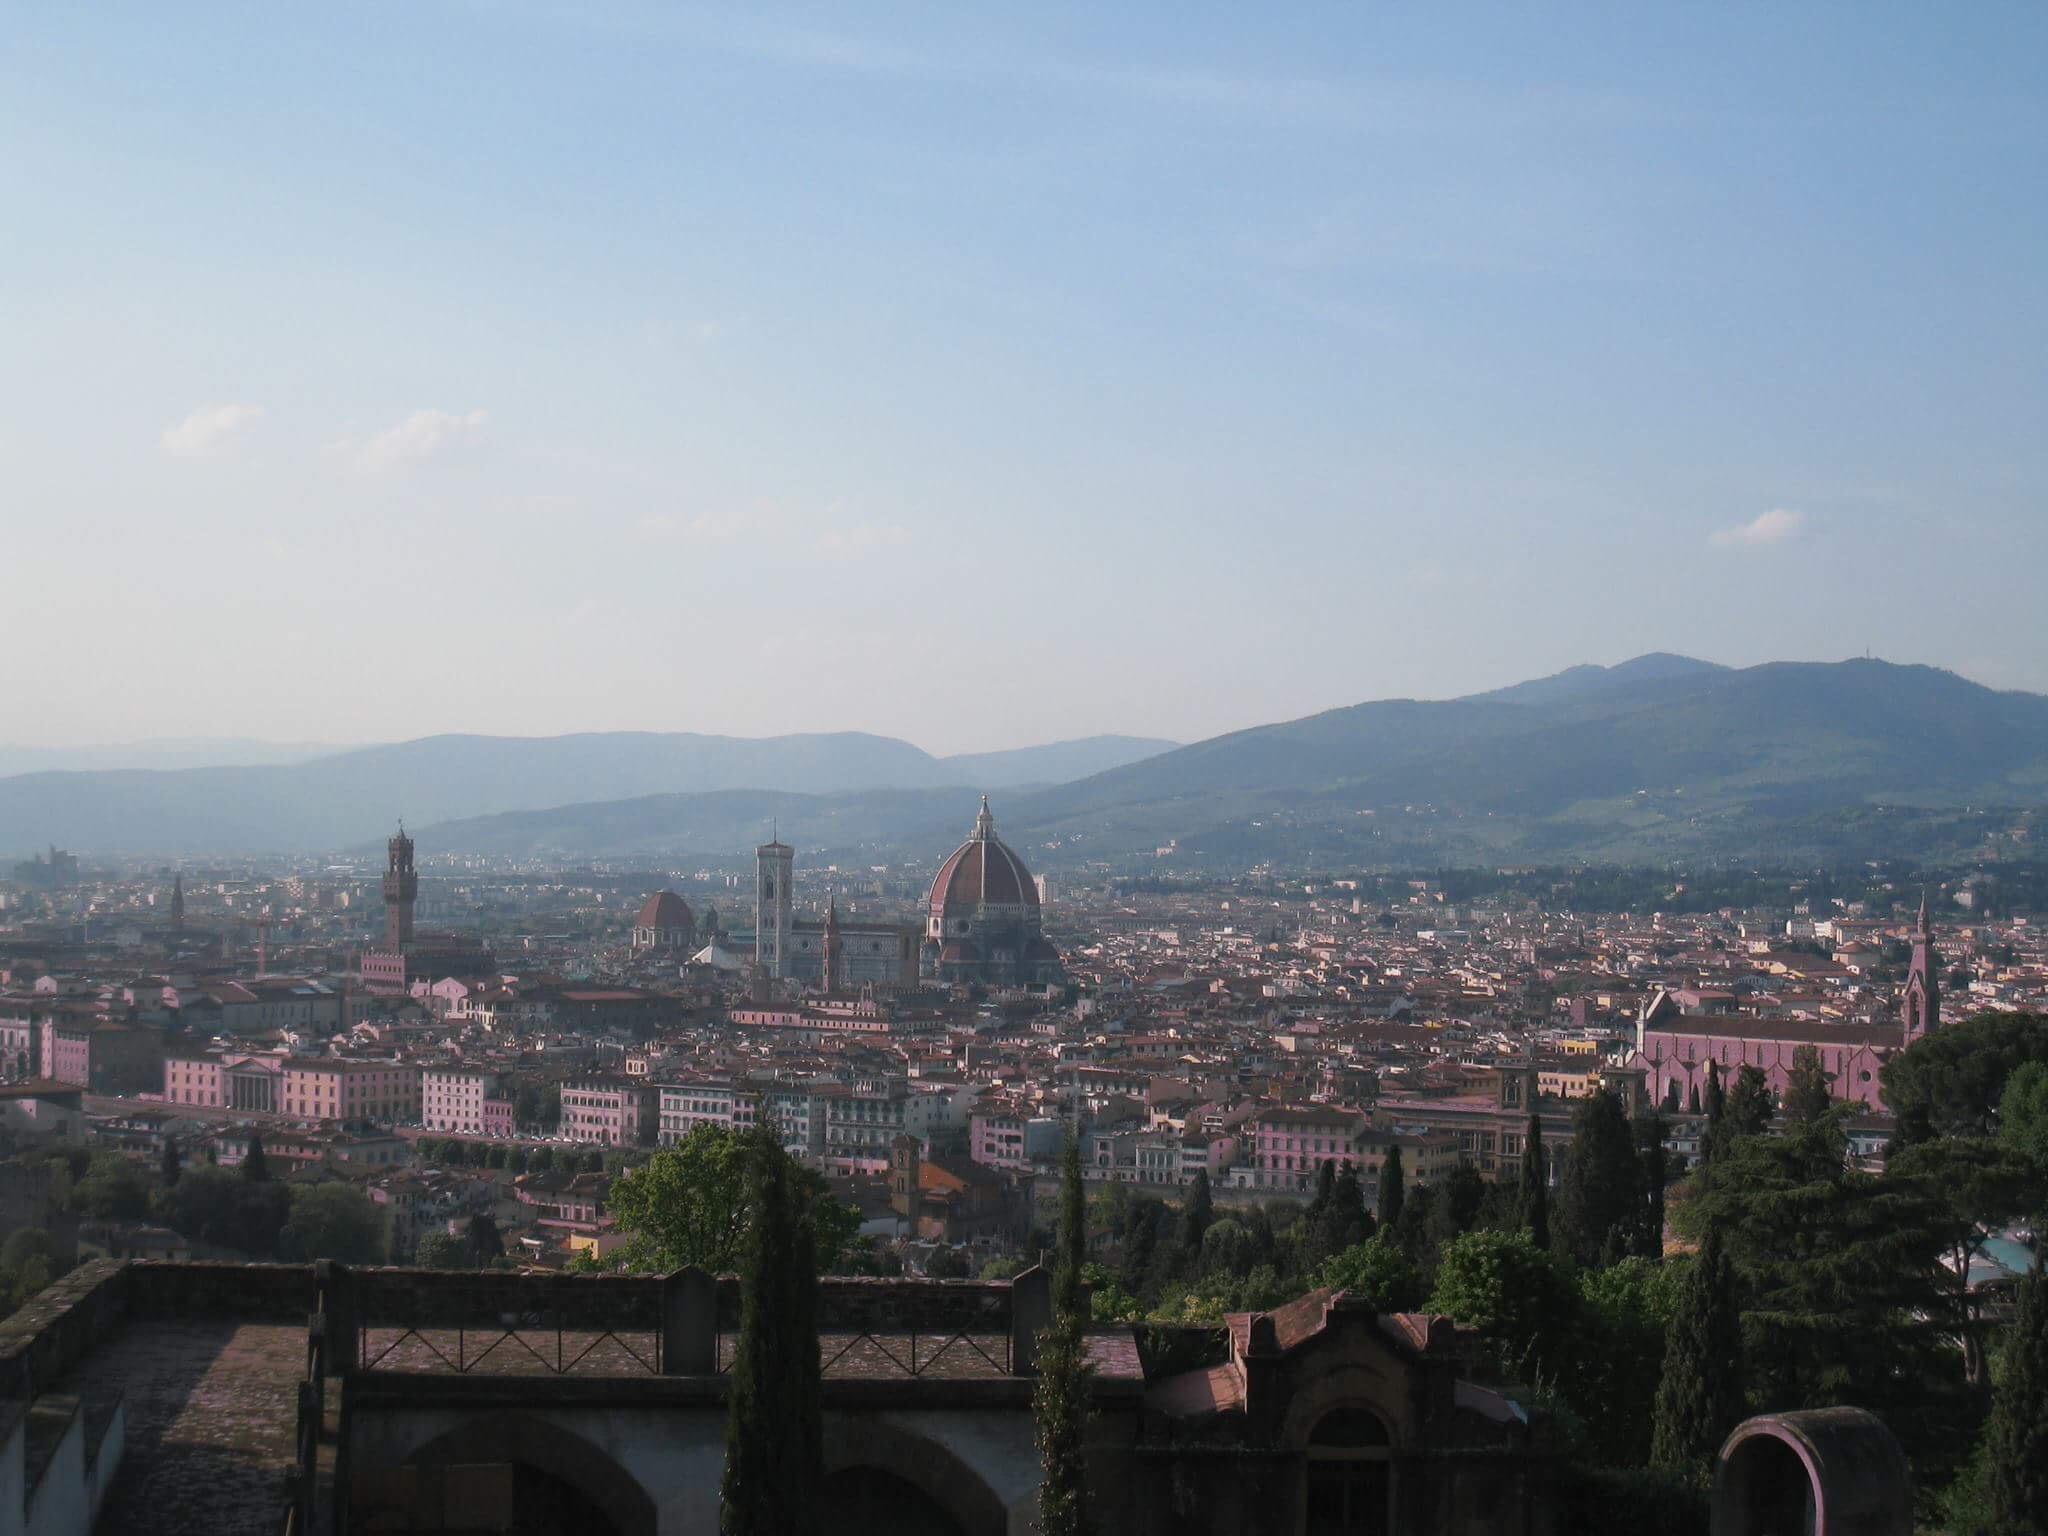 Собор выглядит непропорционально большим на фоне исторической части Флоренции.